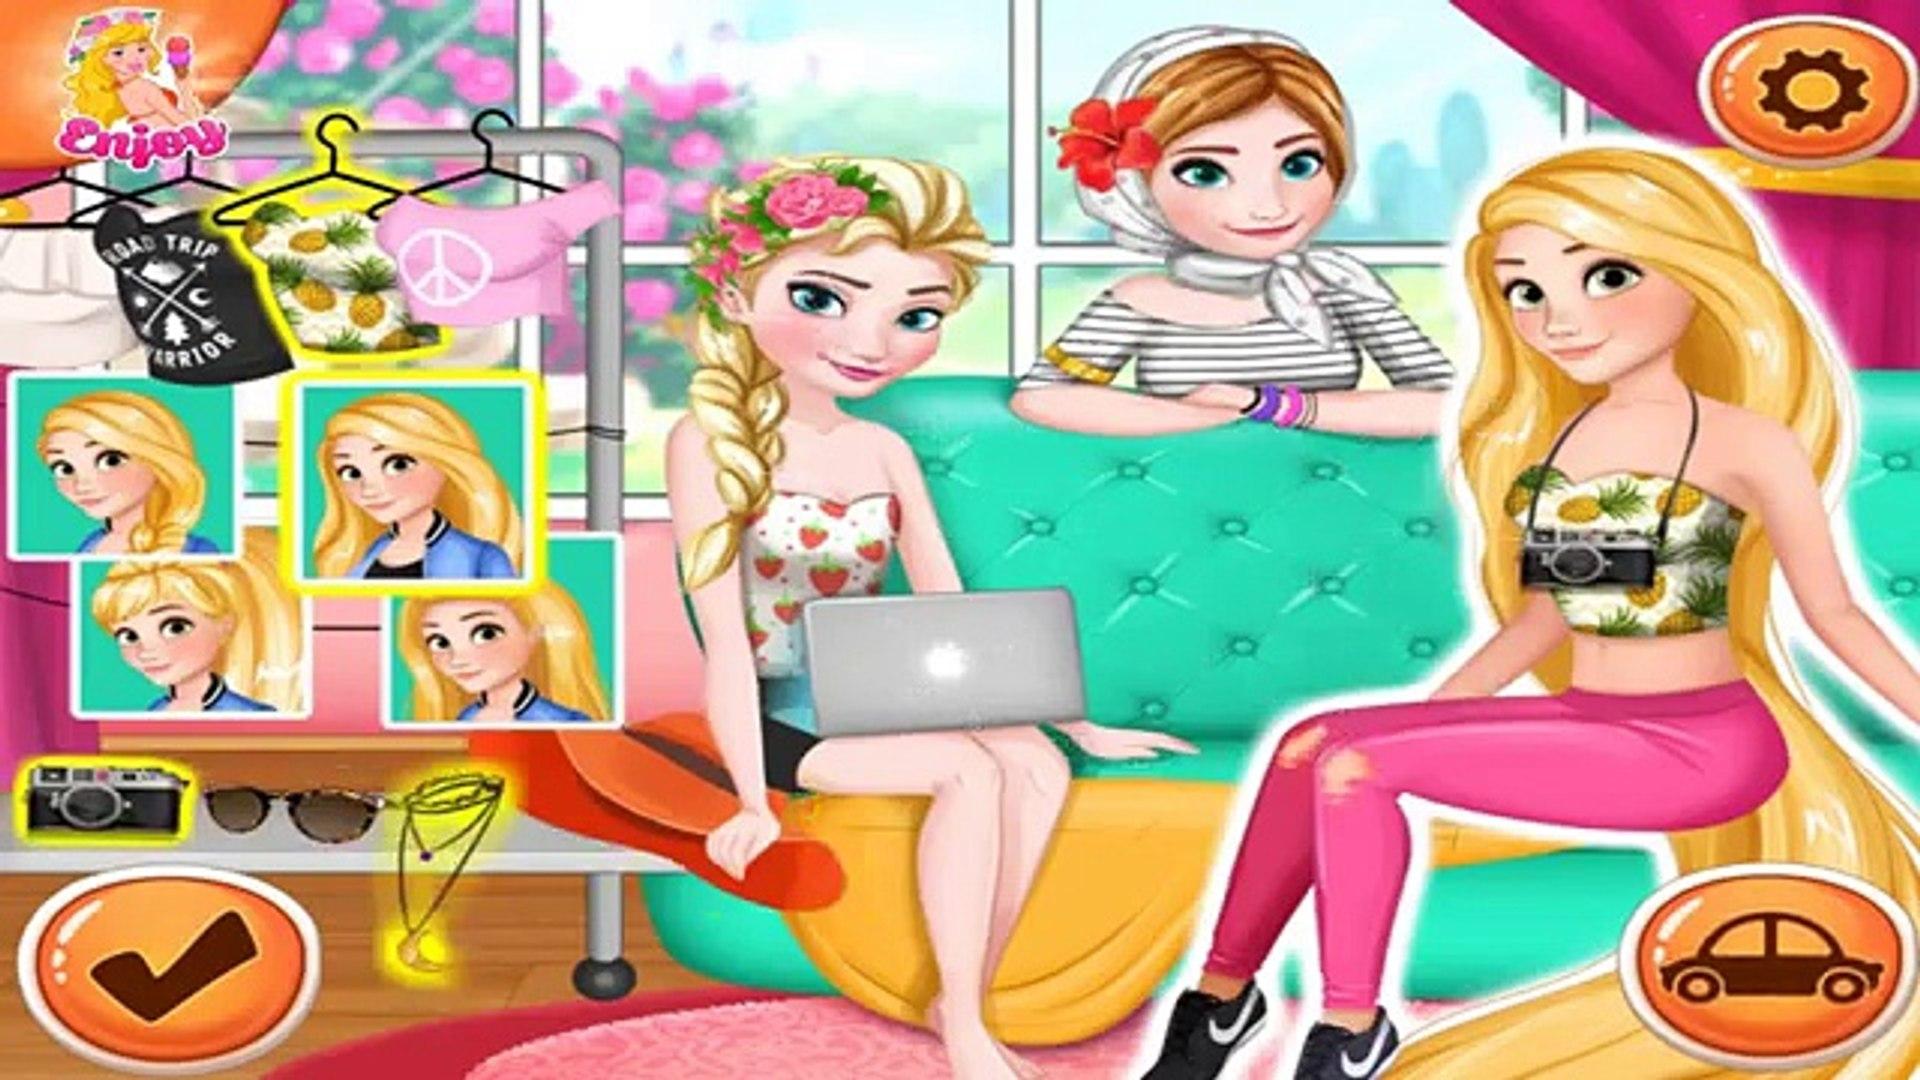 Disney Princess Эльза Анна и Рапунцель Summer Road Trip одеваются игры для девочек